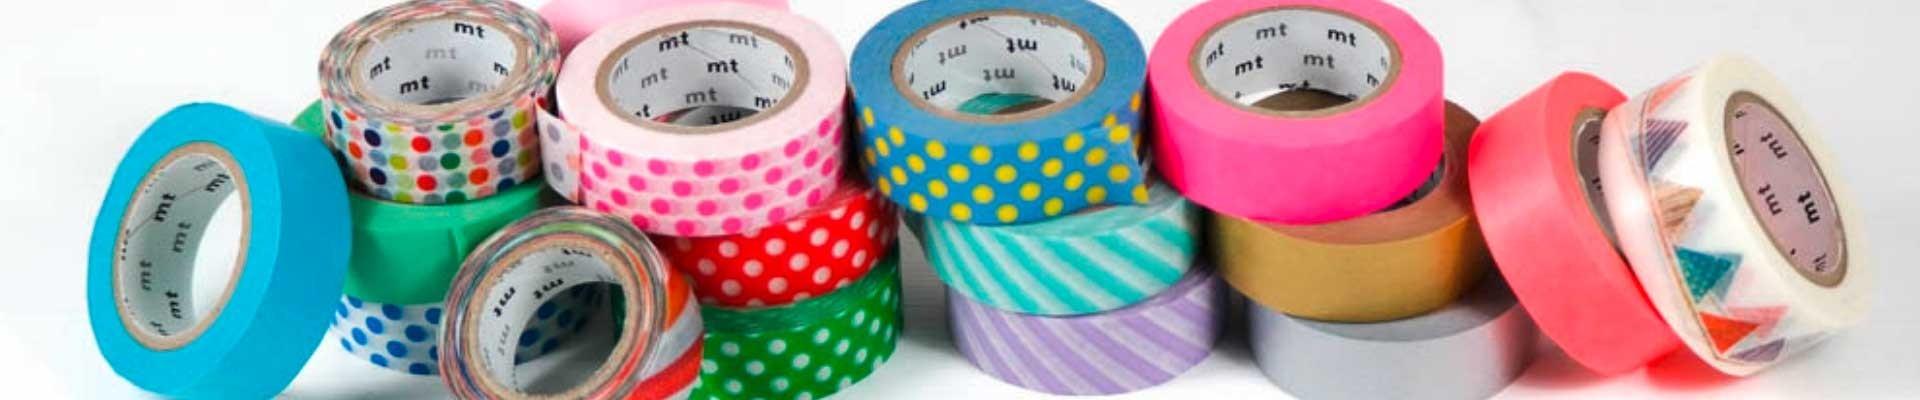 Maskingtape - das kultige Klebeband aus Reispapier in vielen Farben und Mustern.